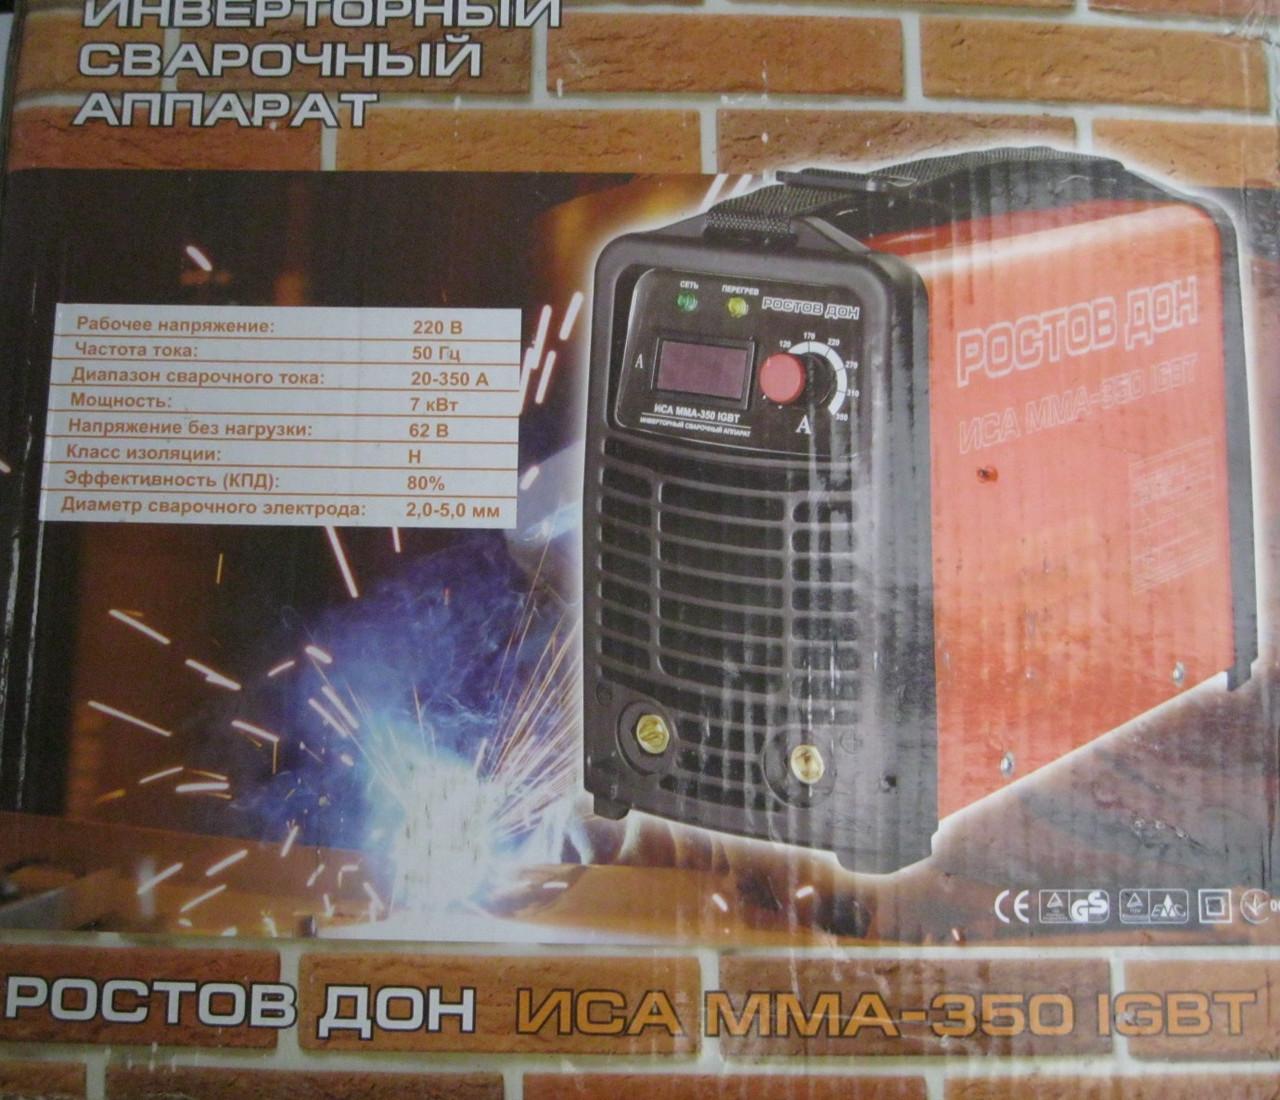 Сварка инверторная Ростов Дон ИСА ММА-350